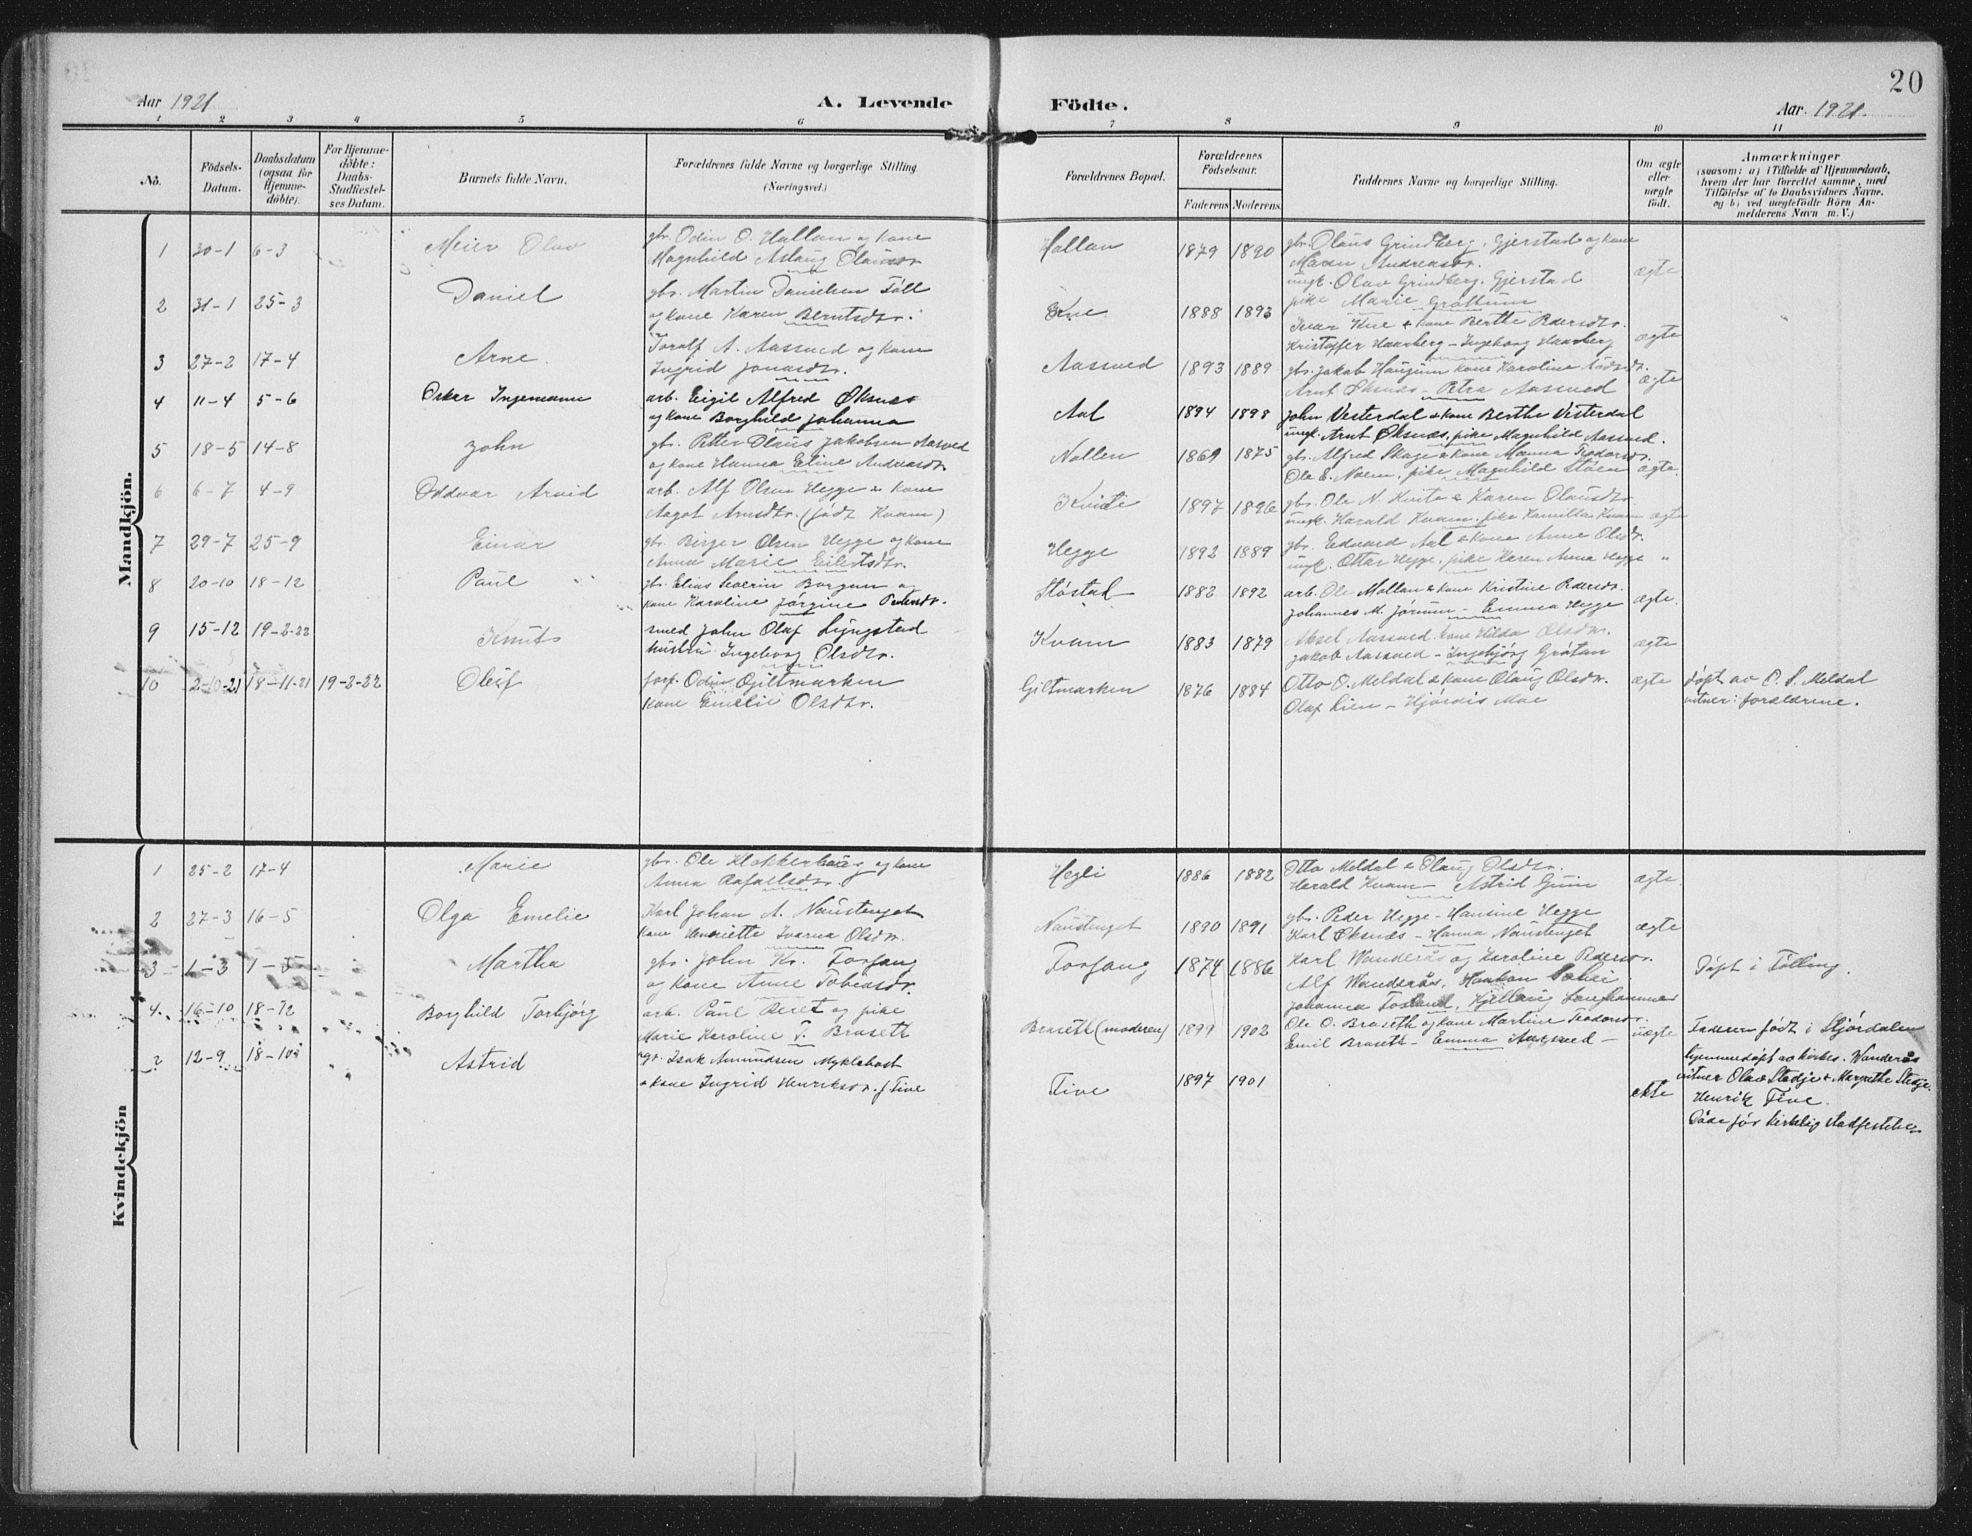 SAT, Ministerialprotokoller, klokkerbøker og fødselsregistre - Nord-Trøndelag, 747/L0460: Klokkerbok nr. 747C02, 1908-1939, s. 20